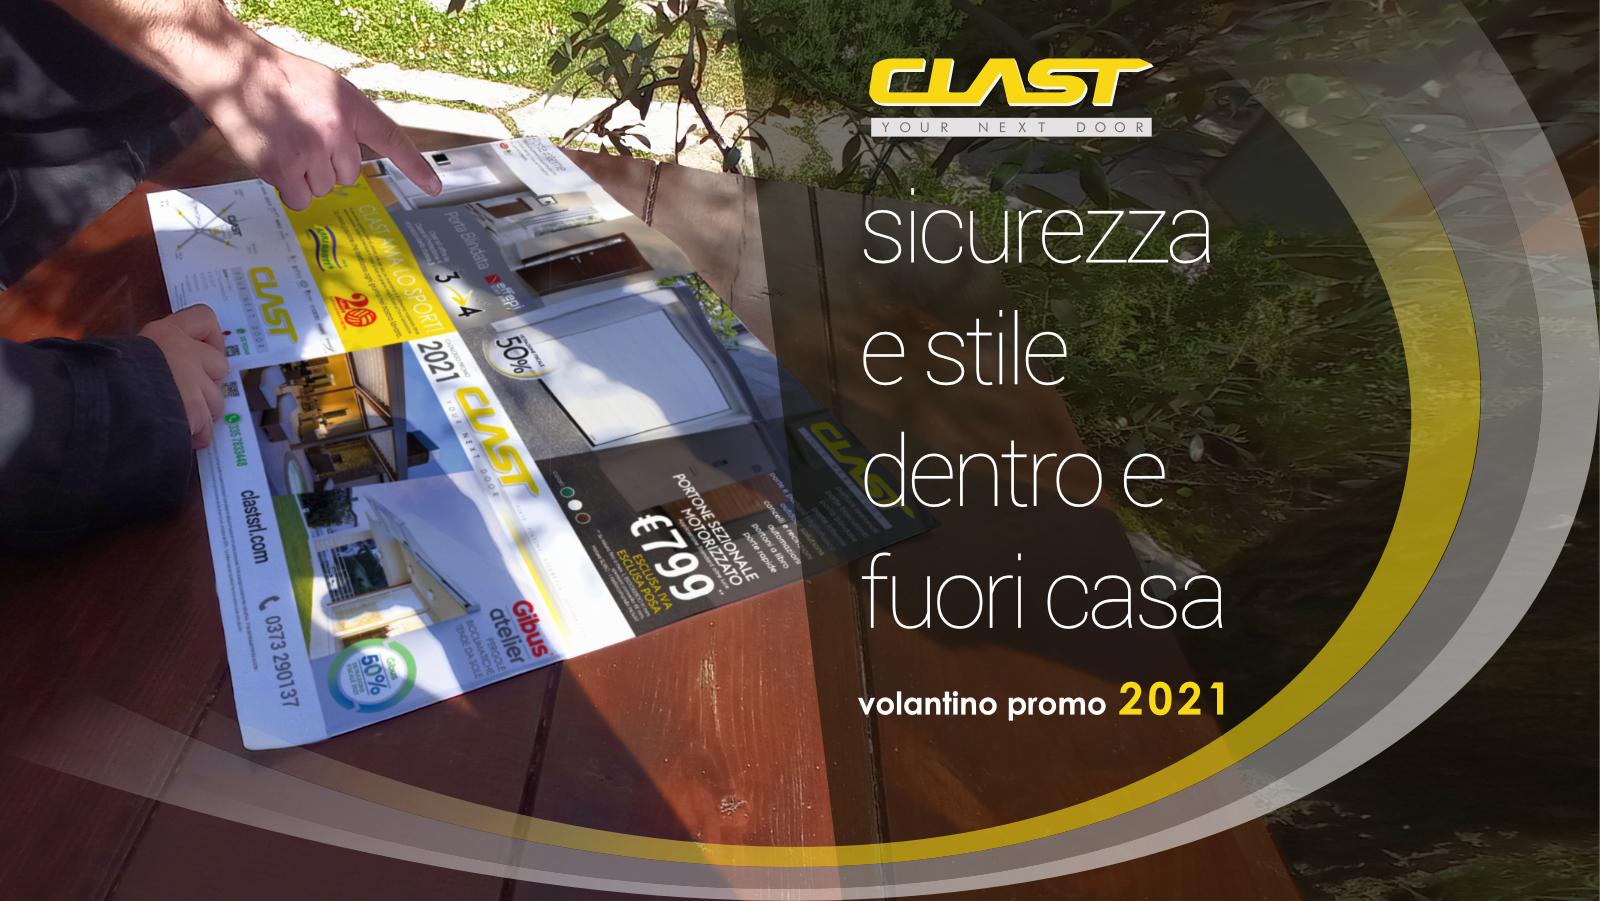 2021 promo volantino Volantino promo Clast 2021 | Clast srl: porte, portoni, sicurezza, cancelli, automazioni. Via Soncino 5, Trescore Cremasco